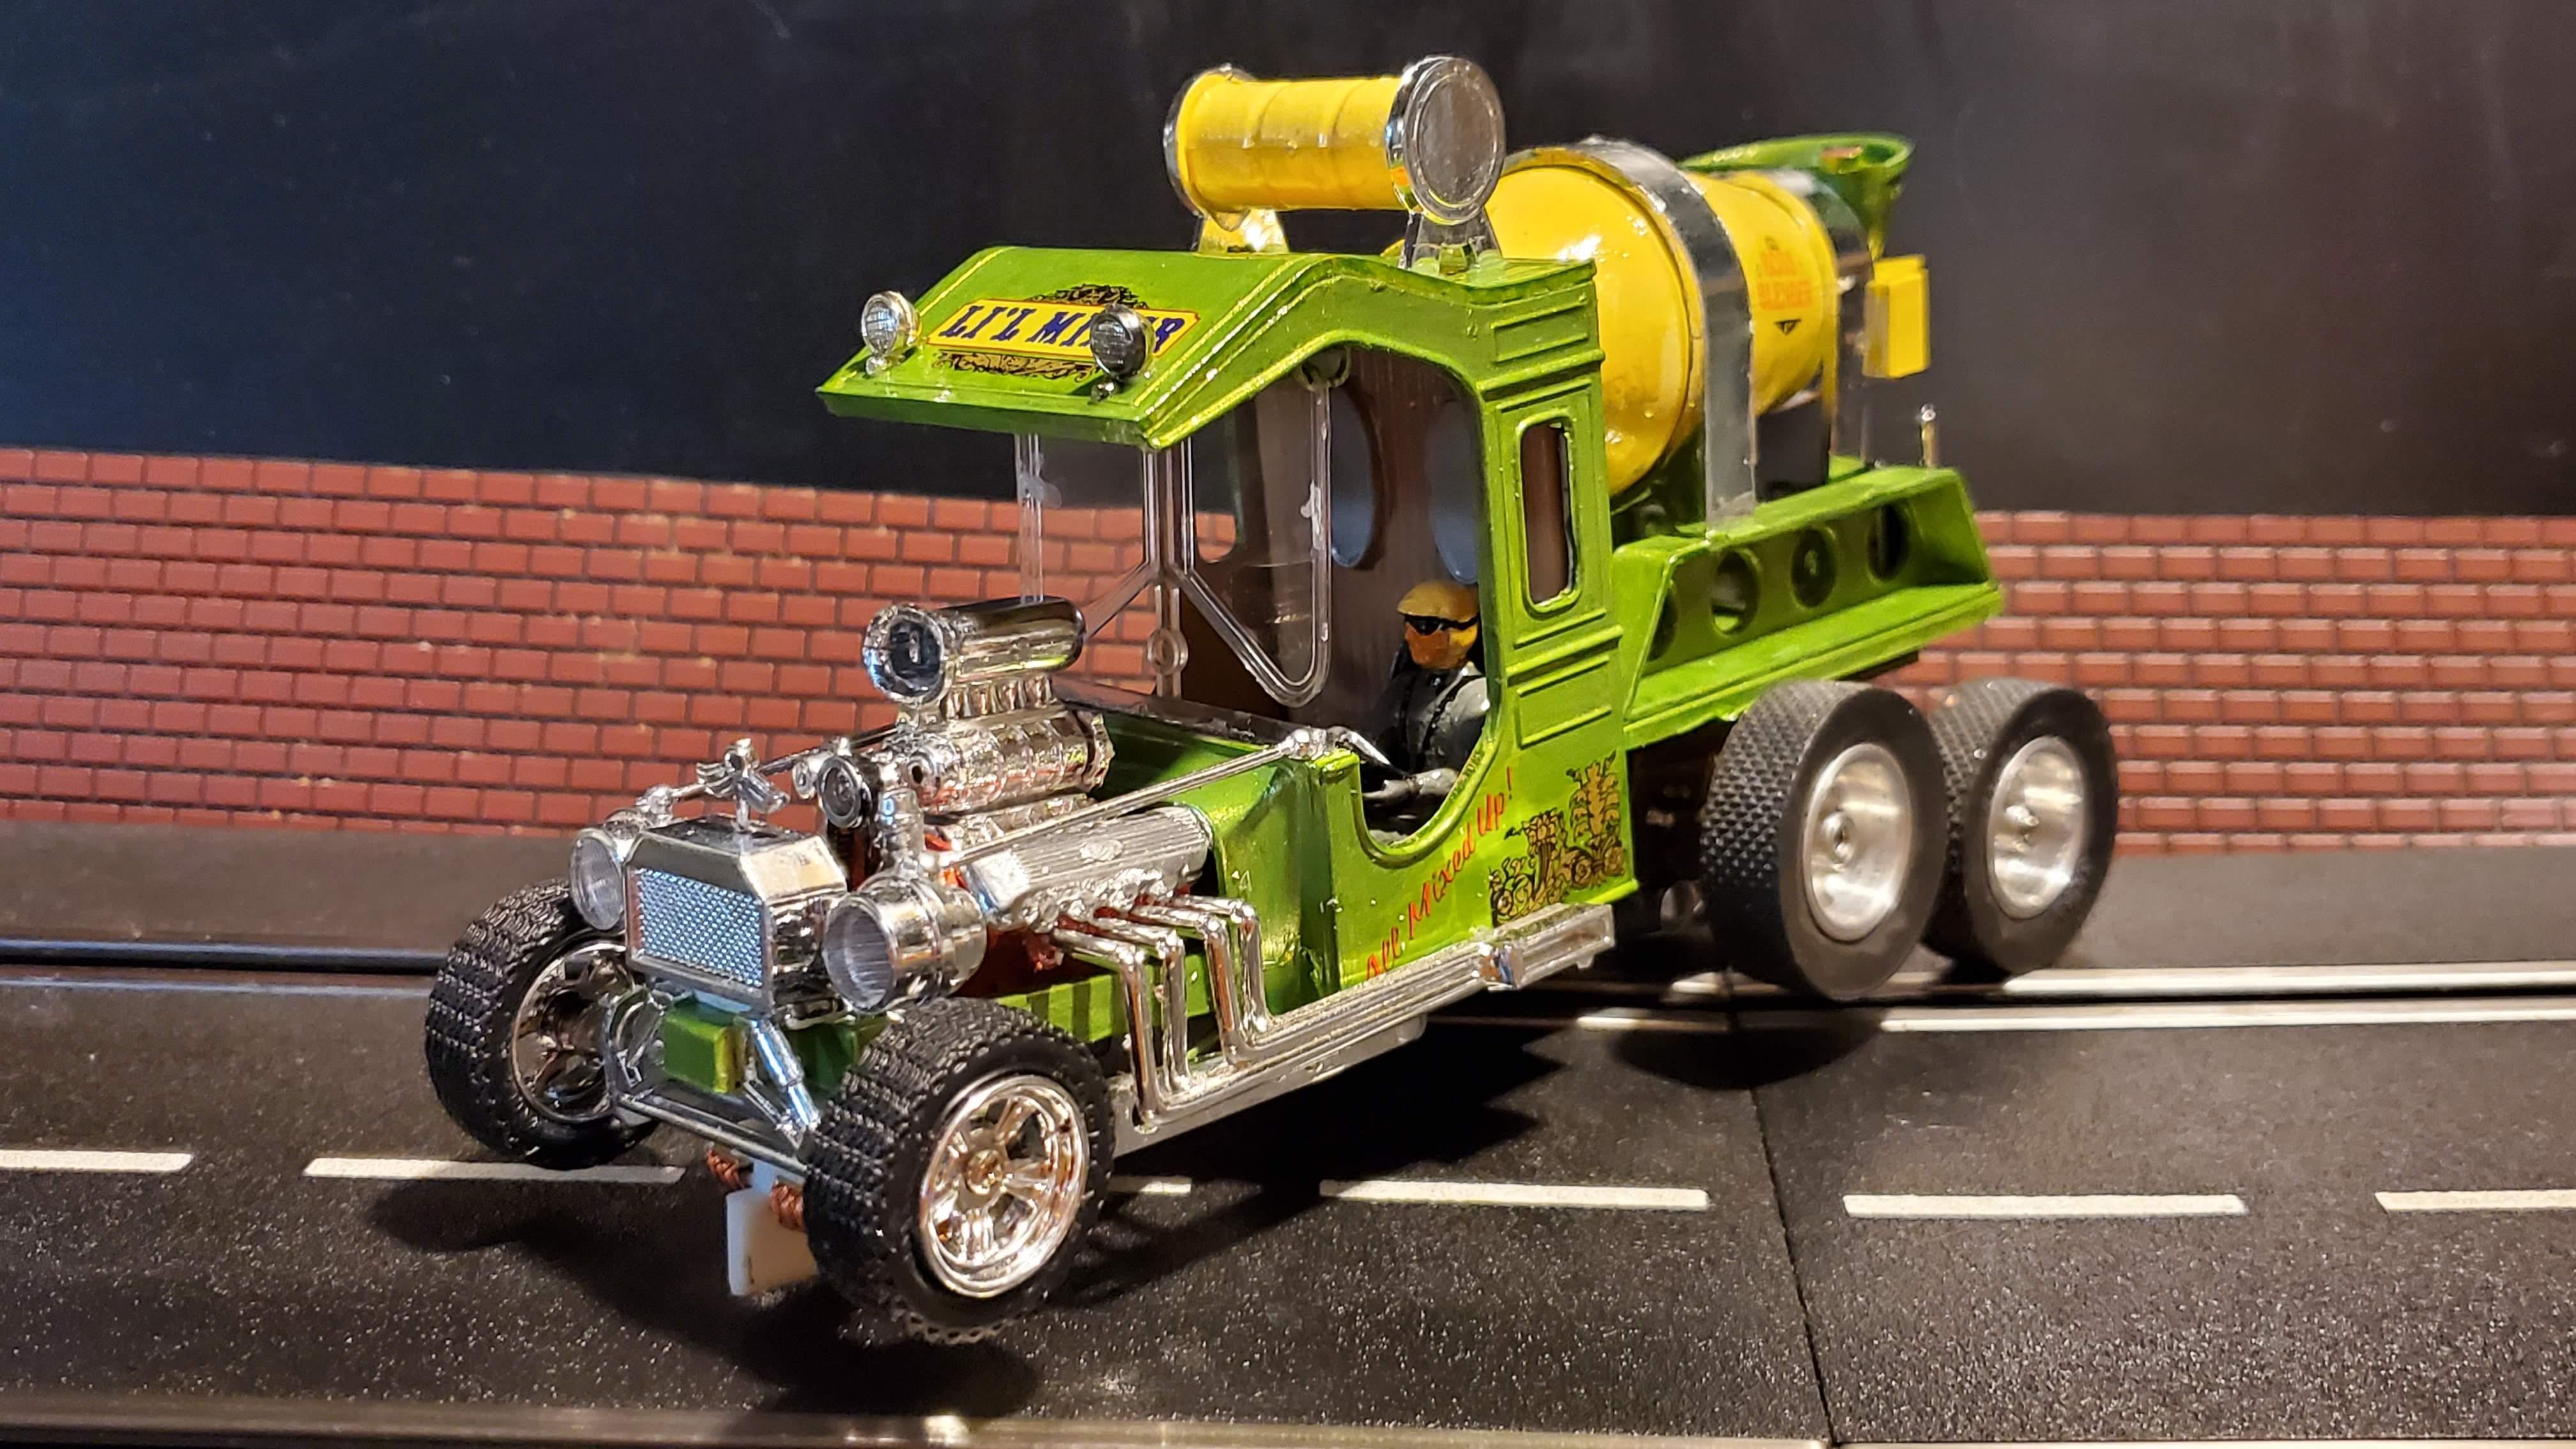 * SALE * Li'l Mixer Concrete Truck Slot Car 1/24 Scale – Green & Yellow